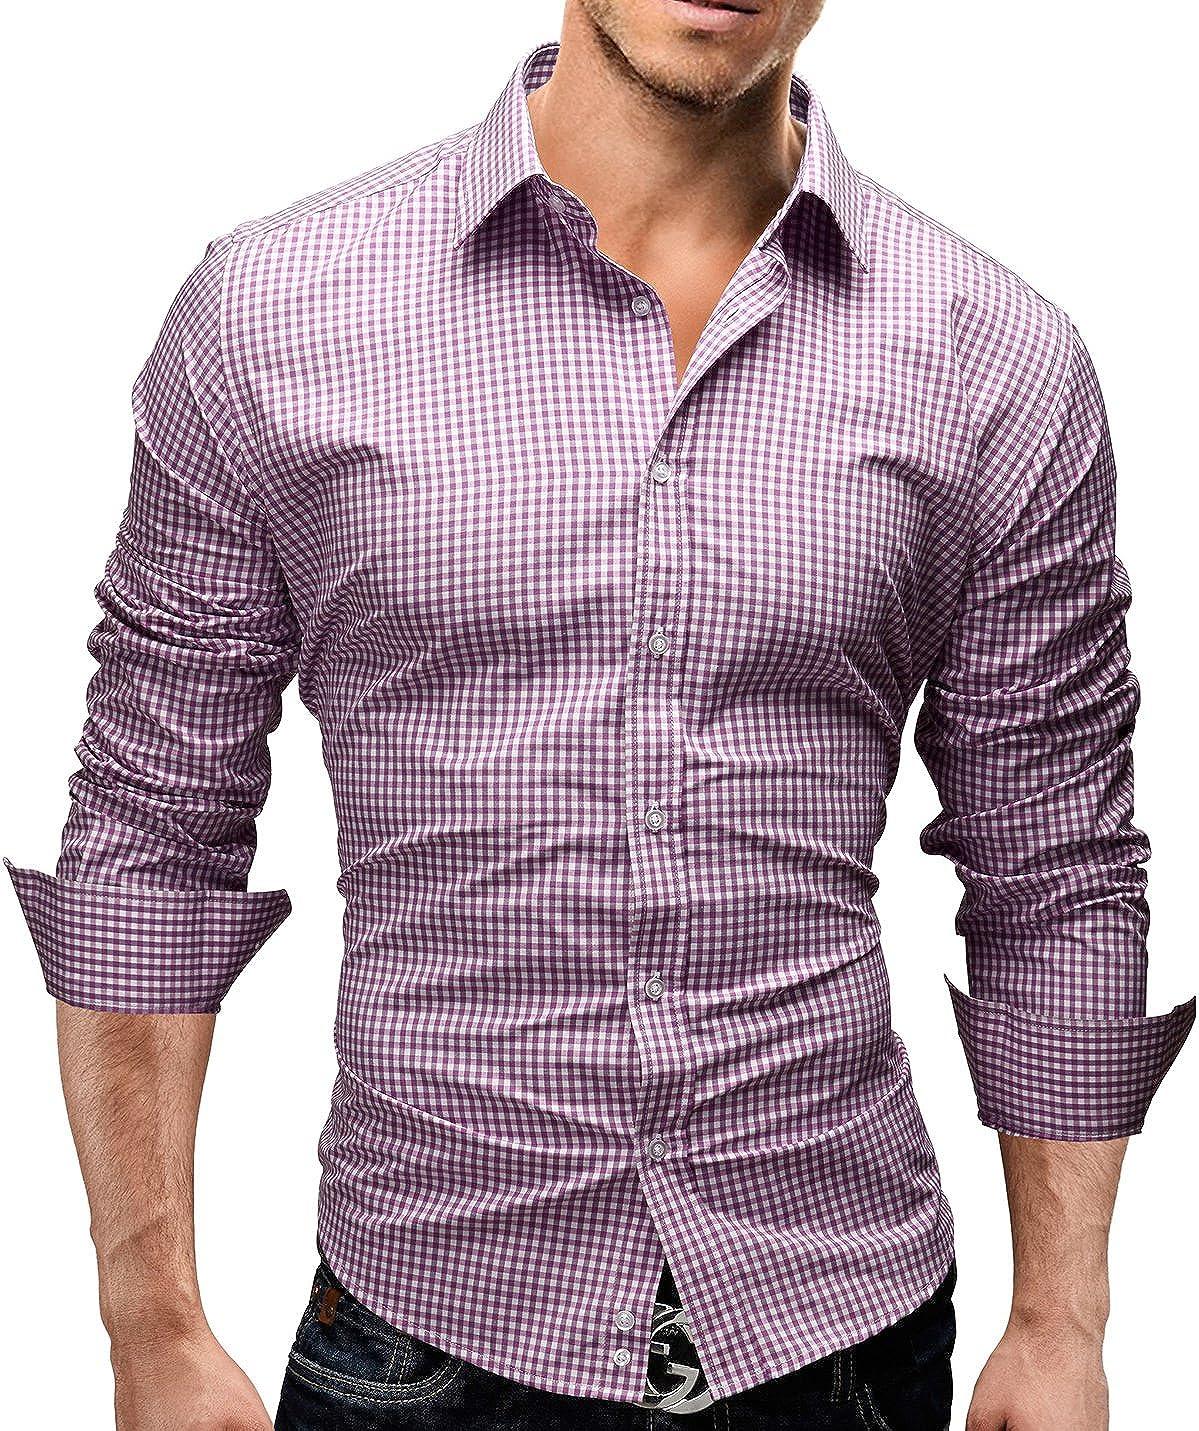 Slim Fit 5 Colori Taglia S Disegno Speciale XXL Modell 41 Merish Camicia Uomo a Scacchi